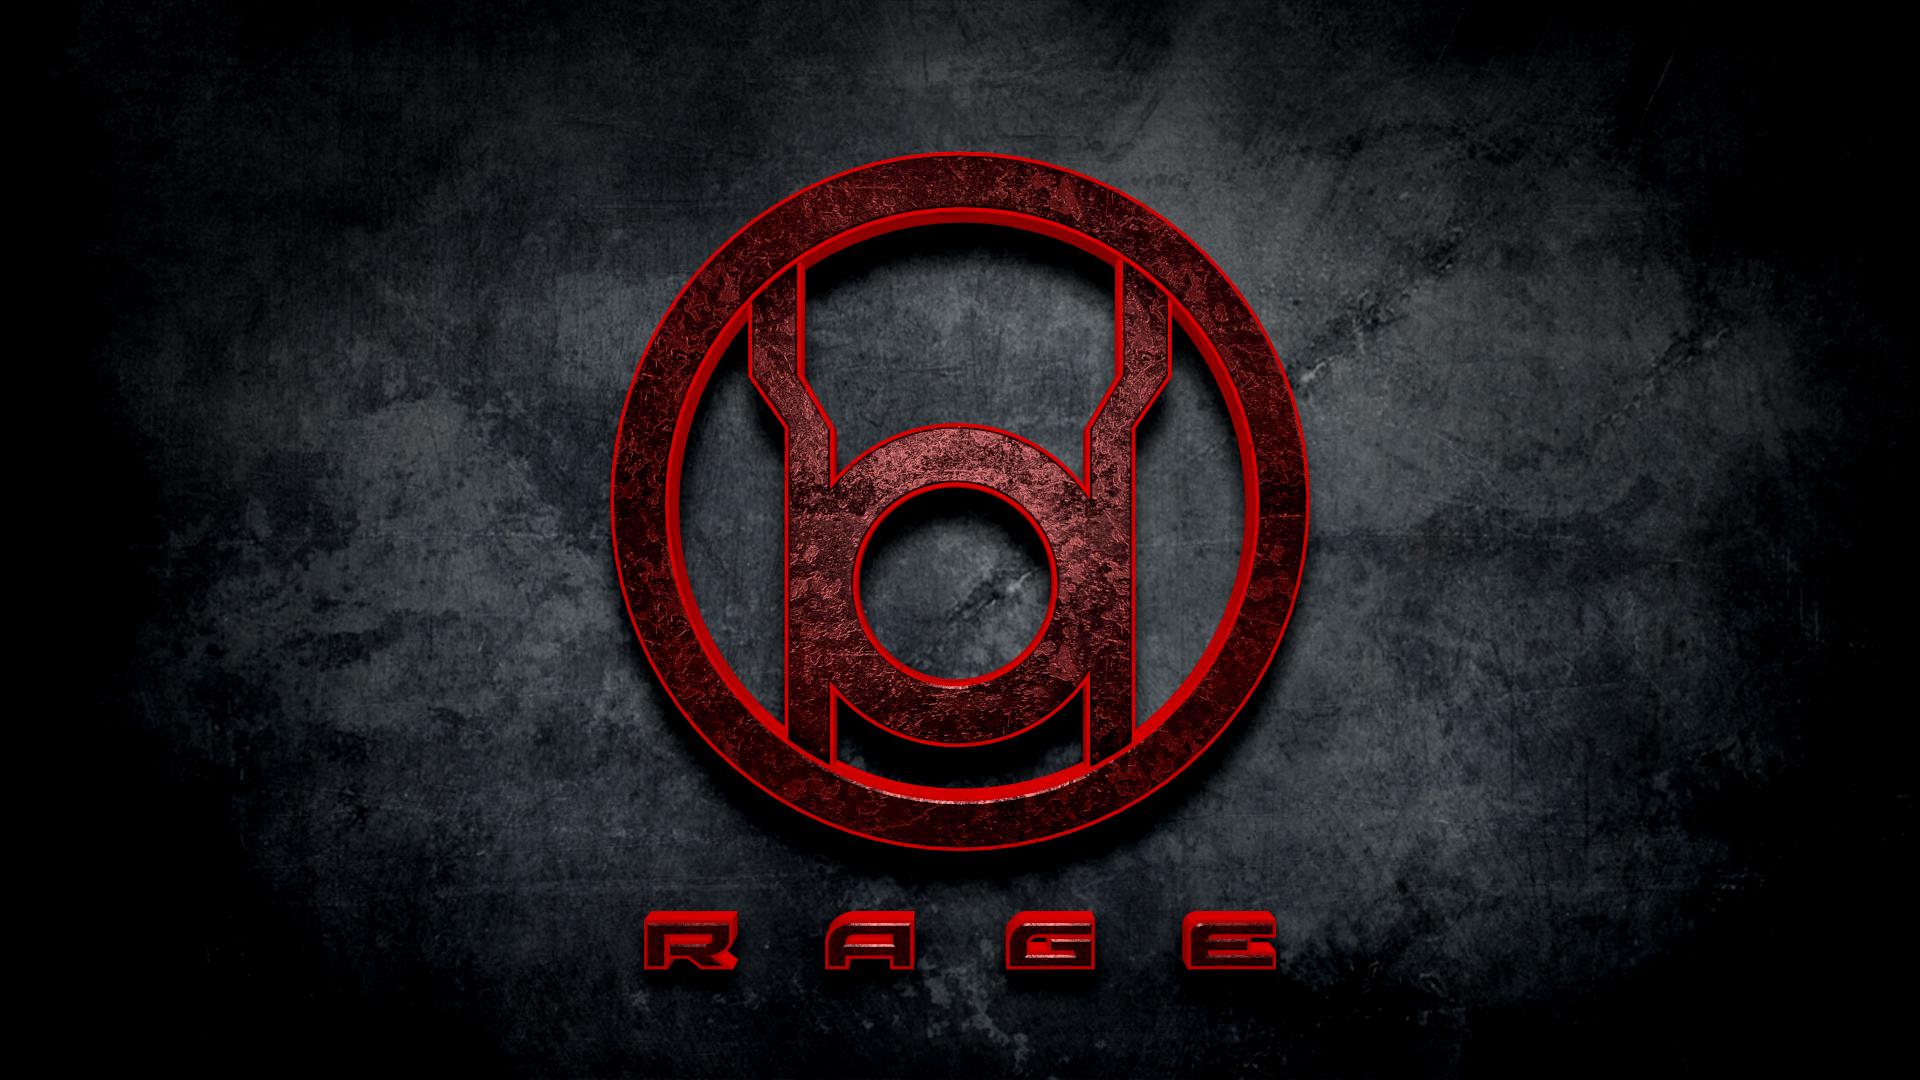 Red lantern logo wallpaper - photo#40